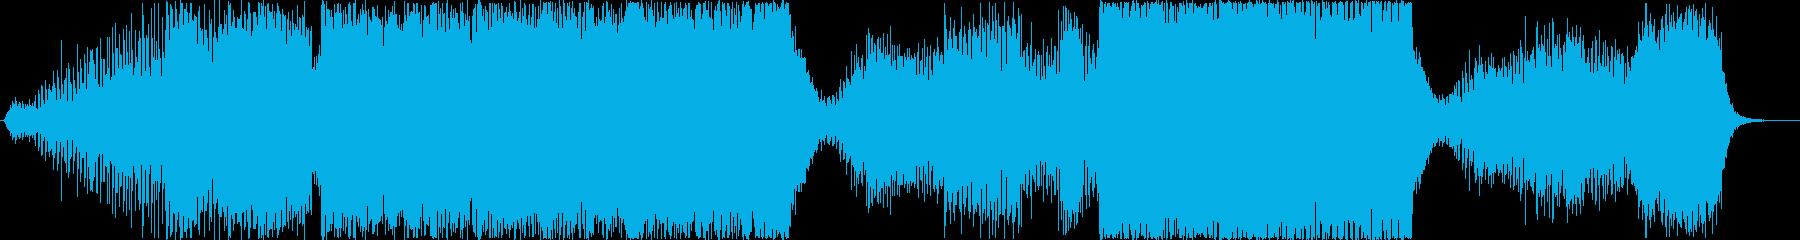 サイバーパンク・宇宙的なシーンでの再生済みの波形